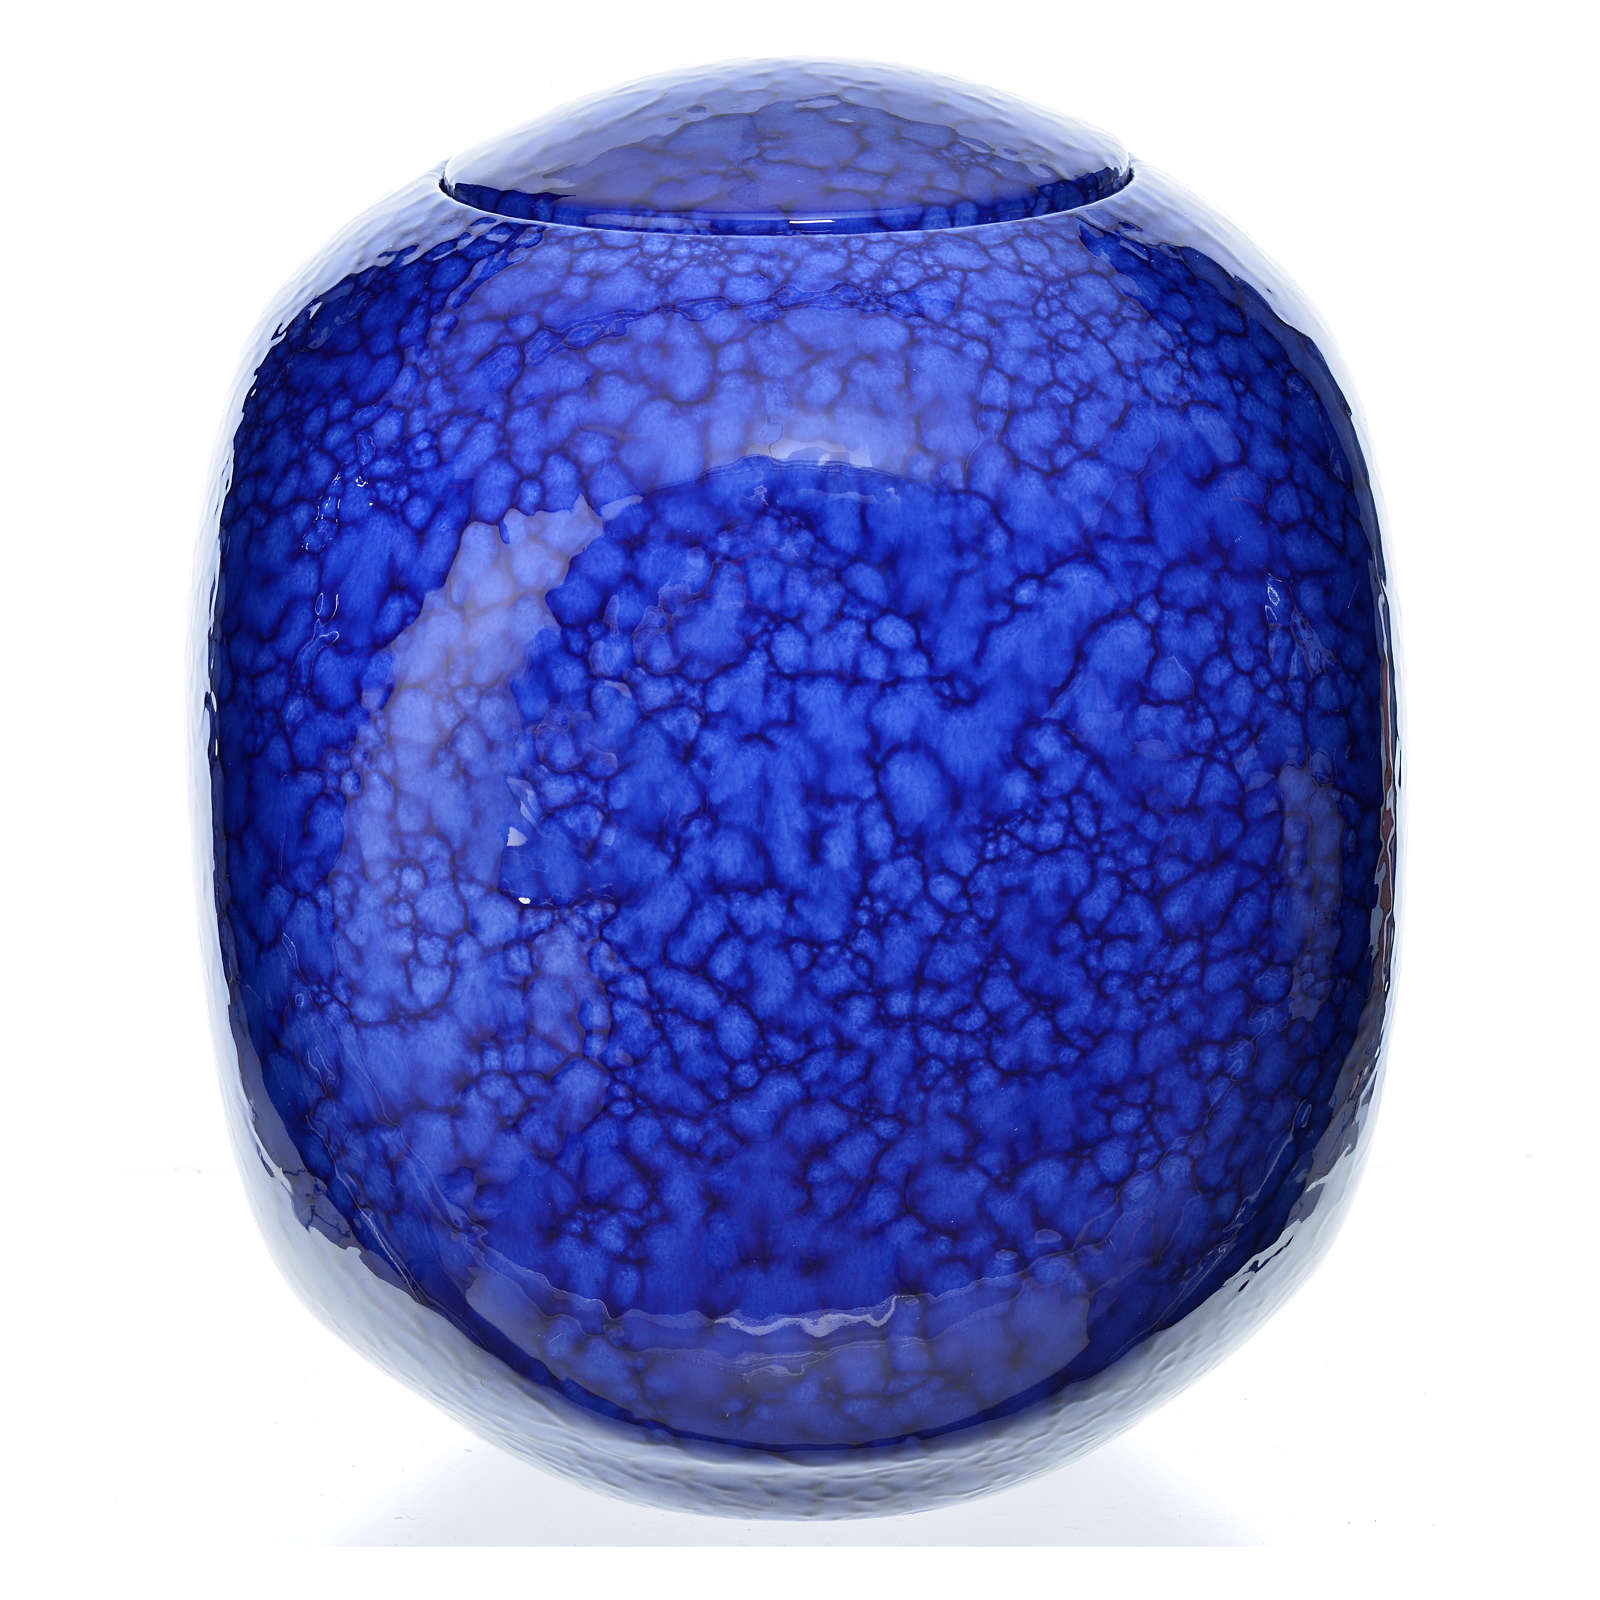 Urna funerária porcelana quadrada esmaltada mod. Murano azul 3